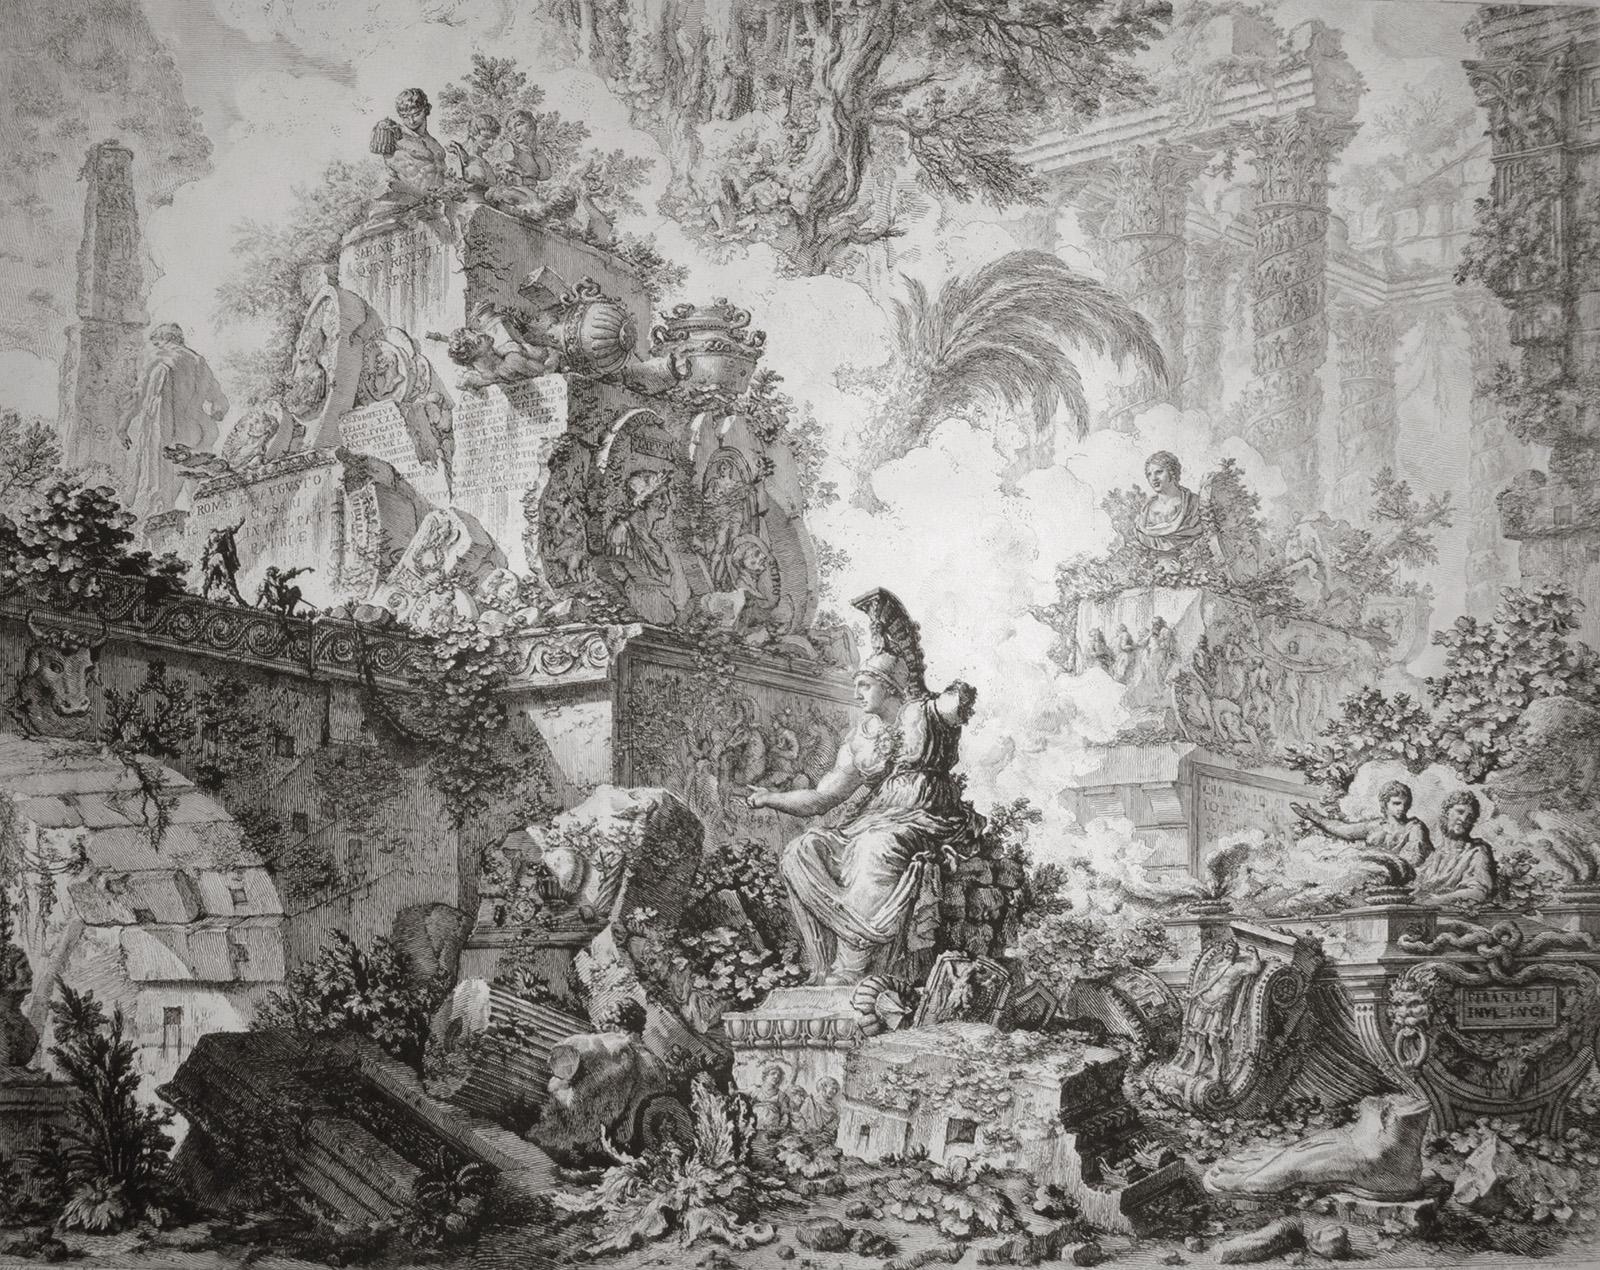 Vedute di Roma (3rd state) by Giovanni Battista Piranesi